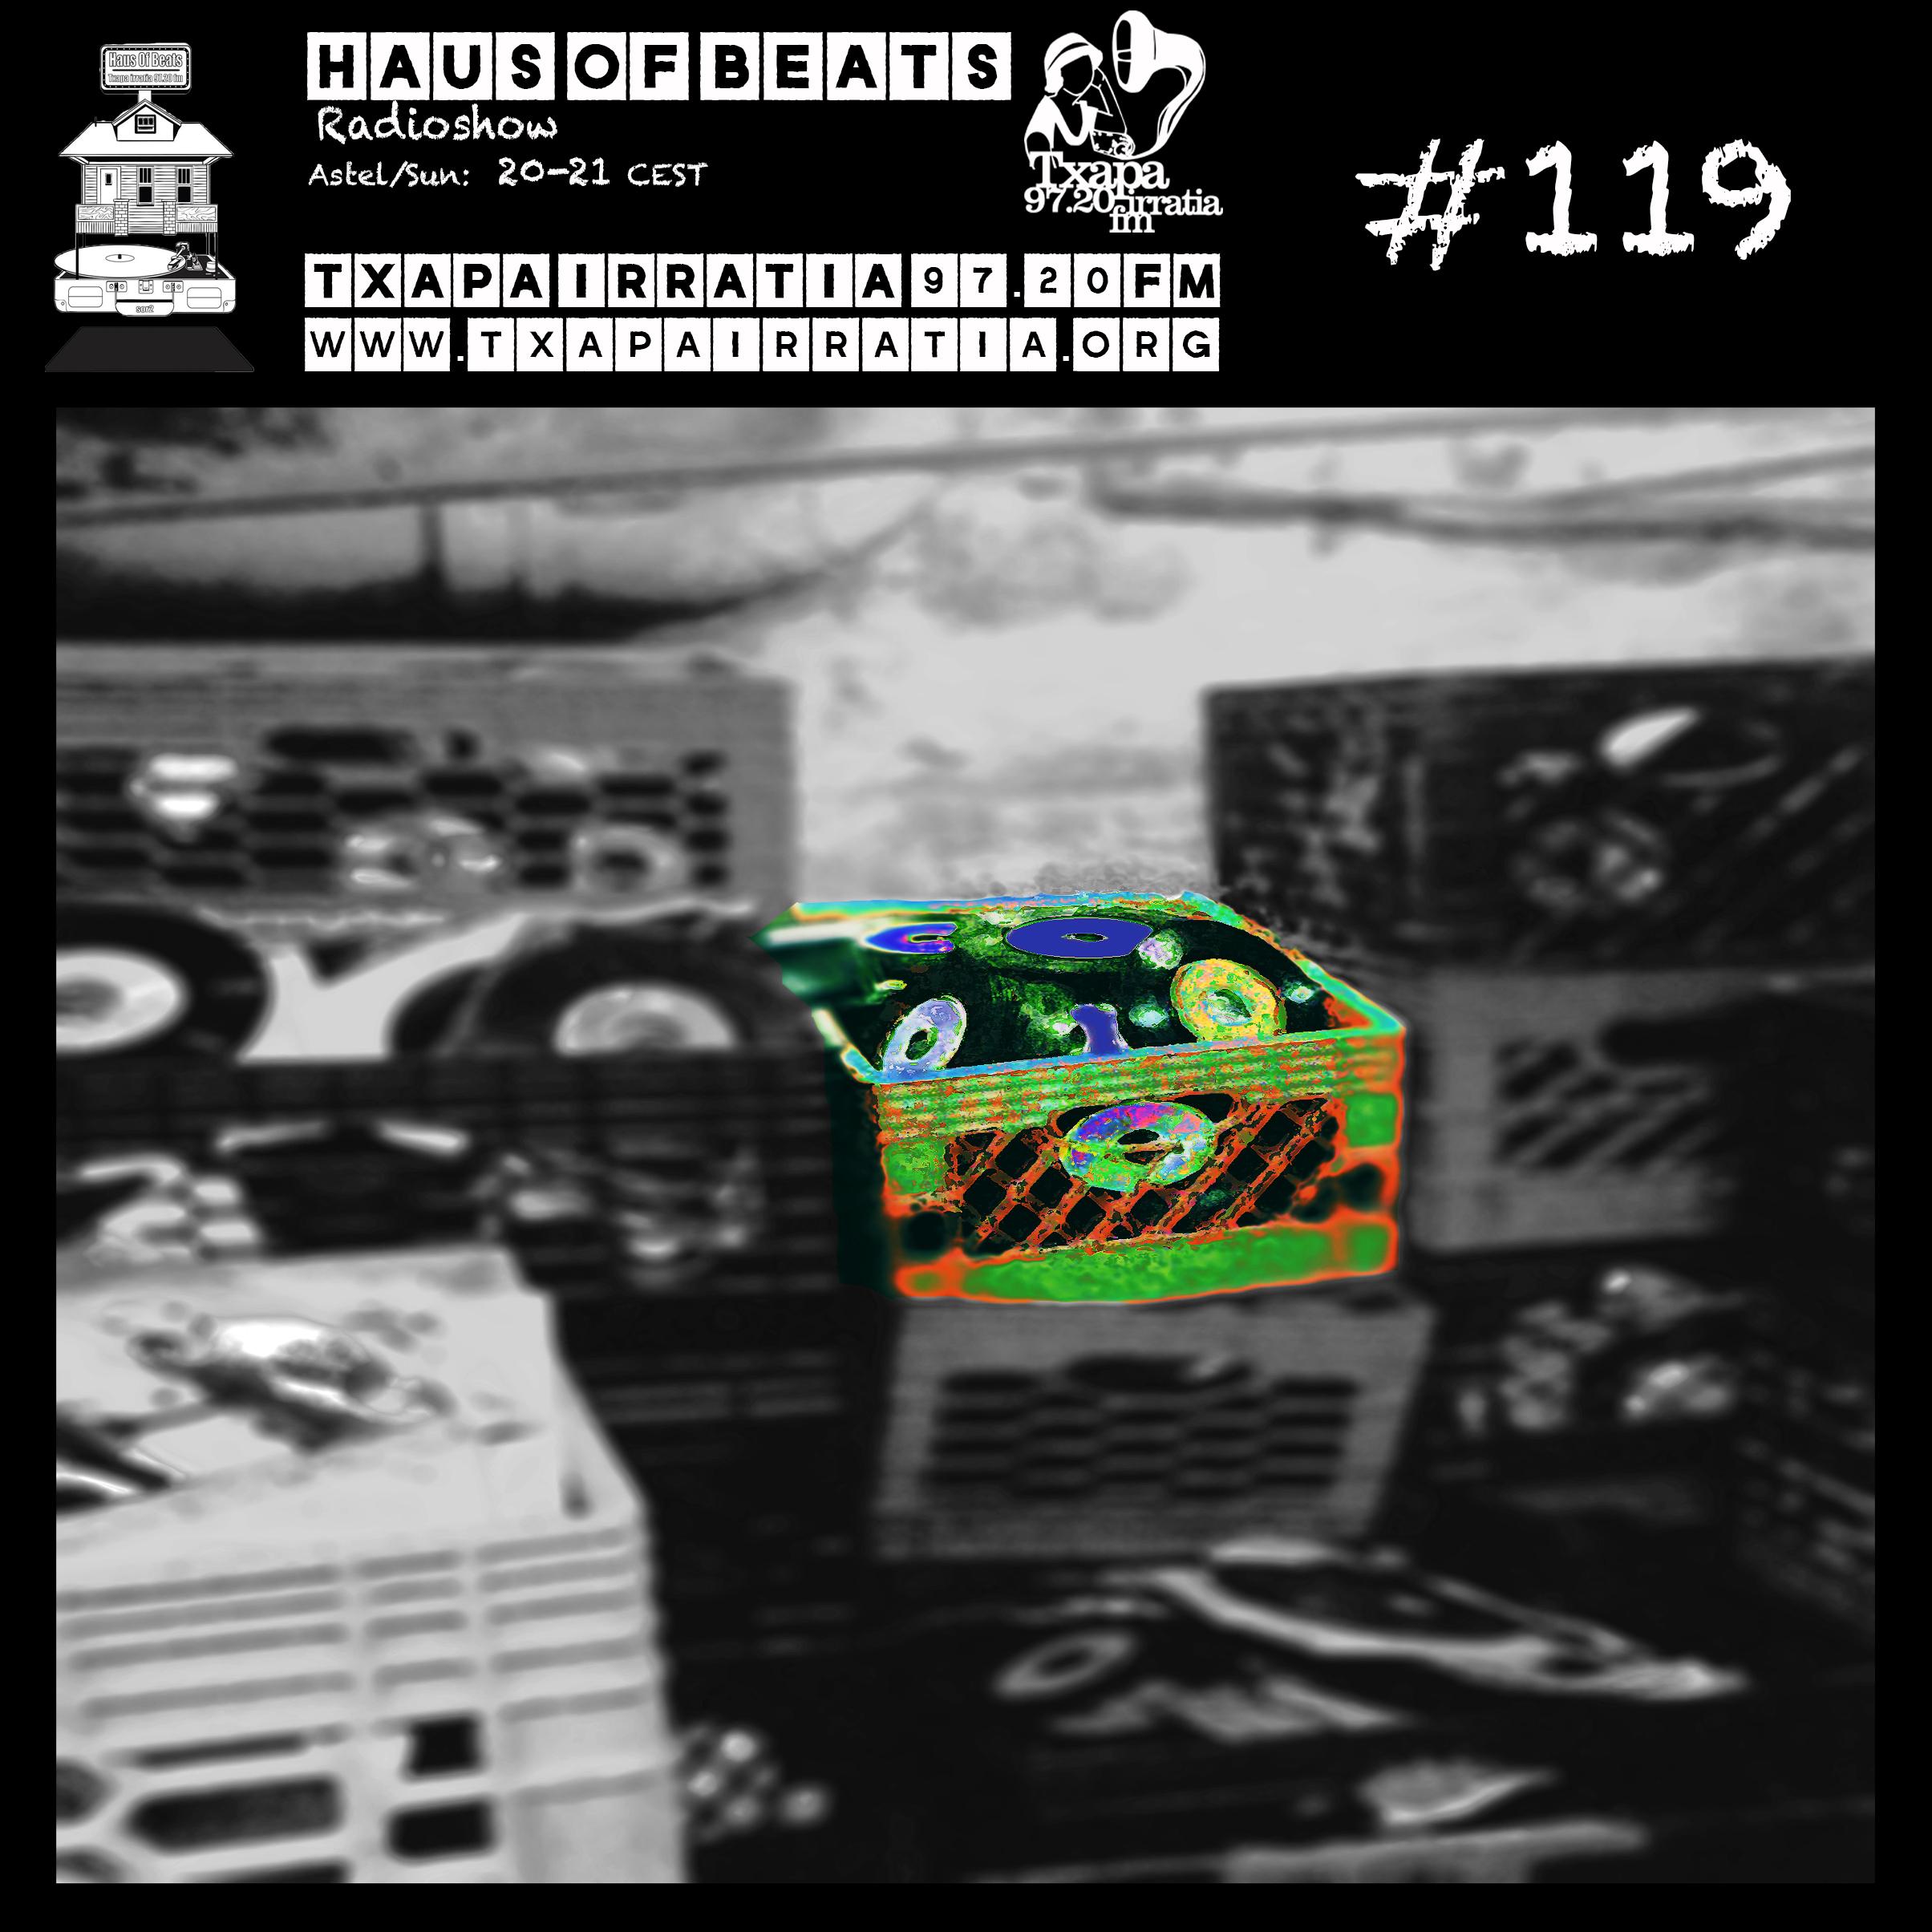 HAUS OF BEATS 119 | Txapa Irratia 97 20 FM